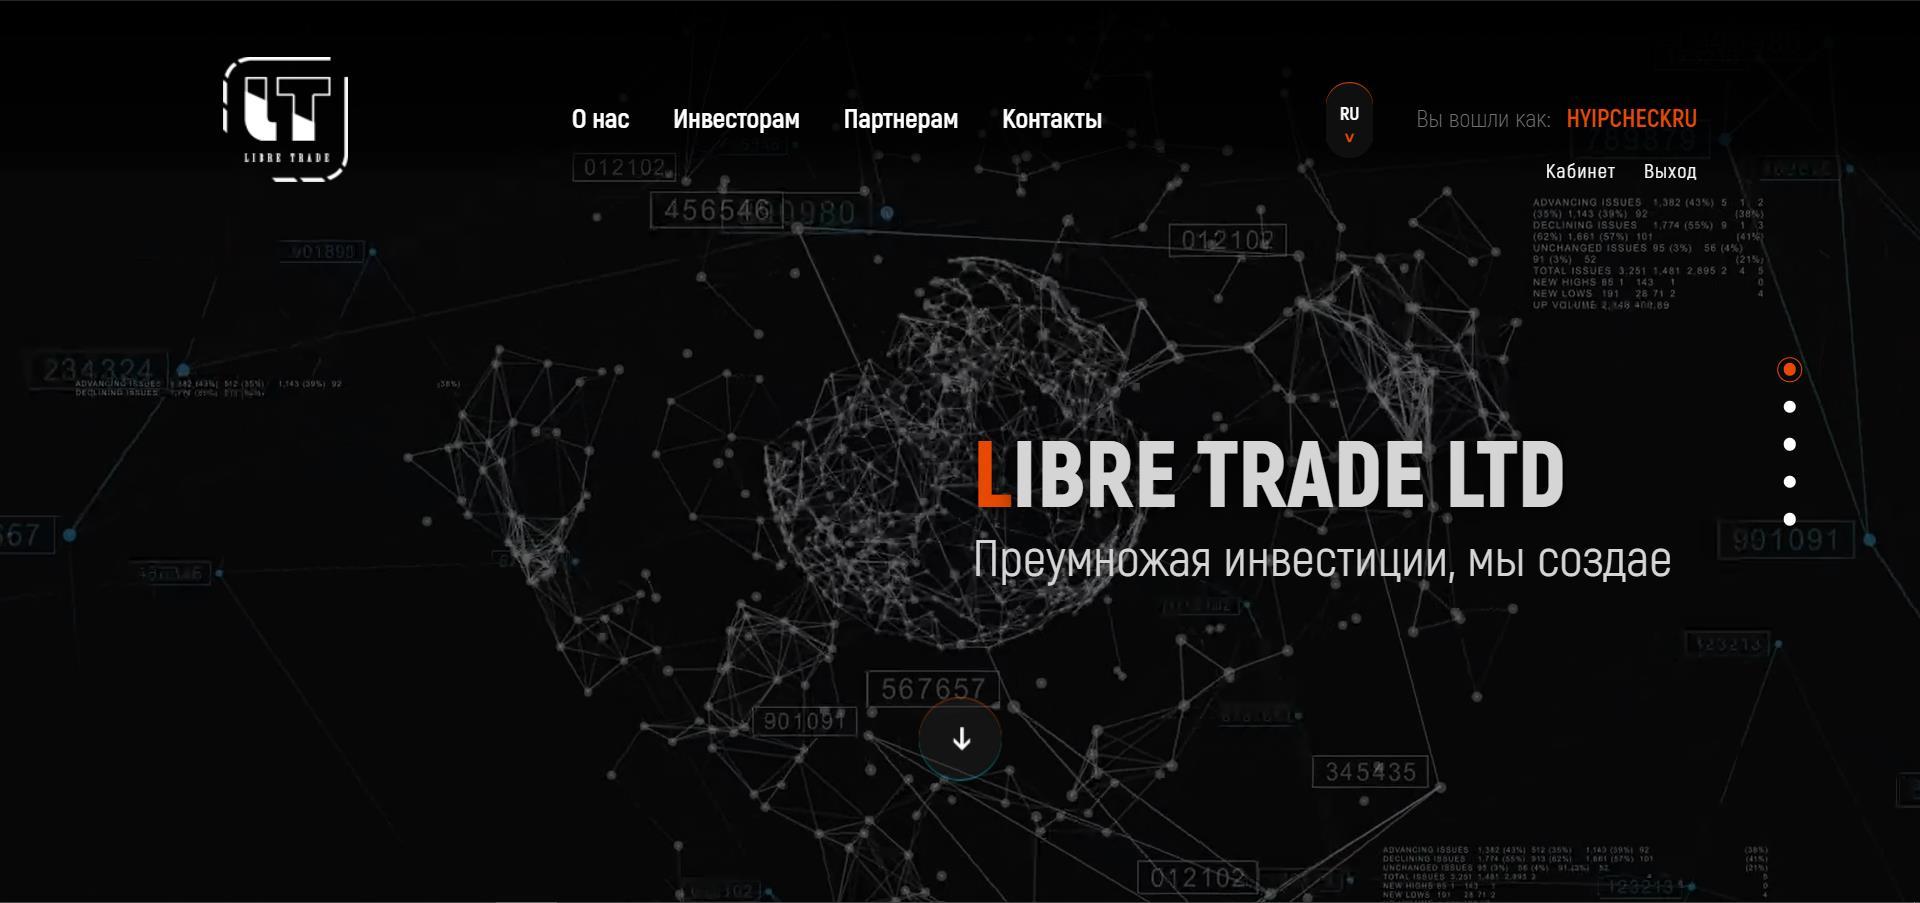 Libre Trade